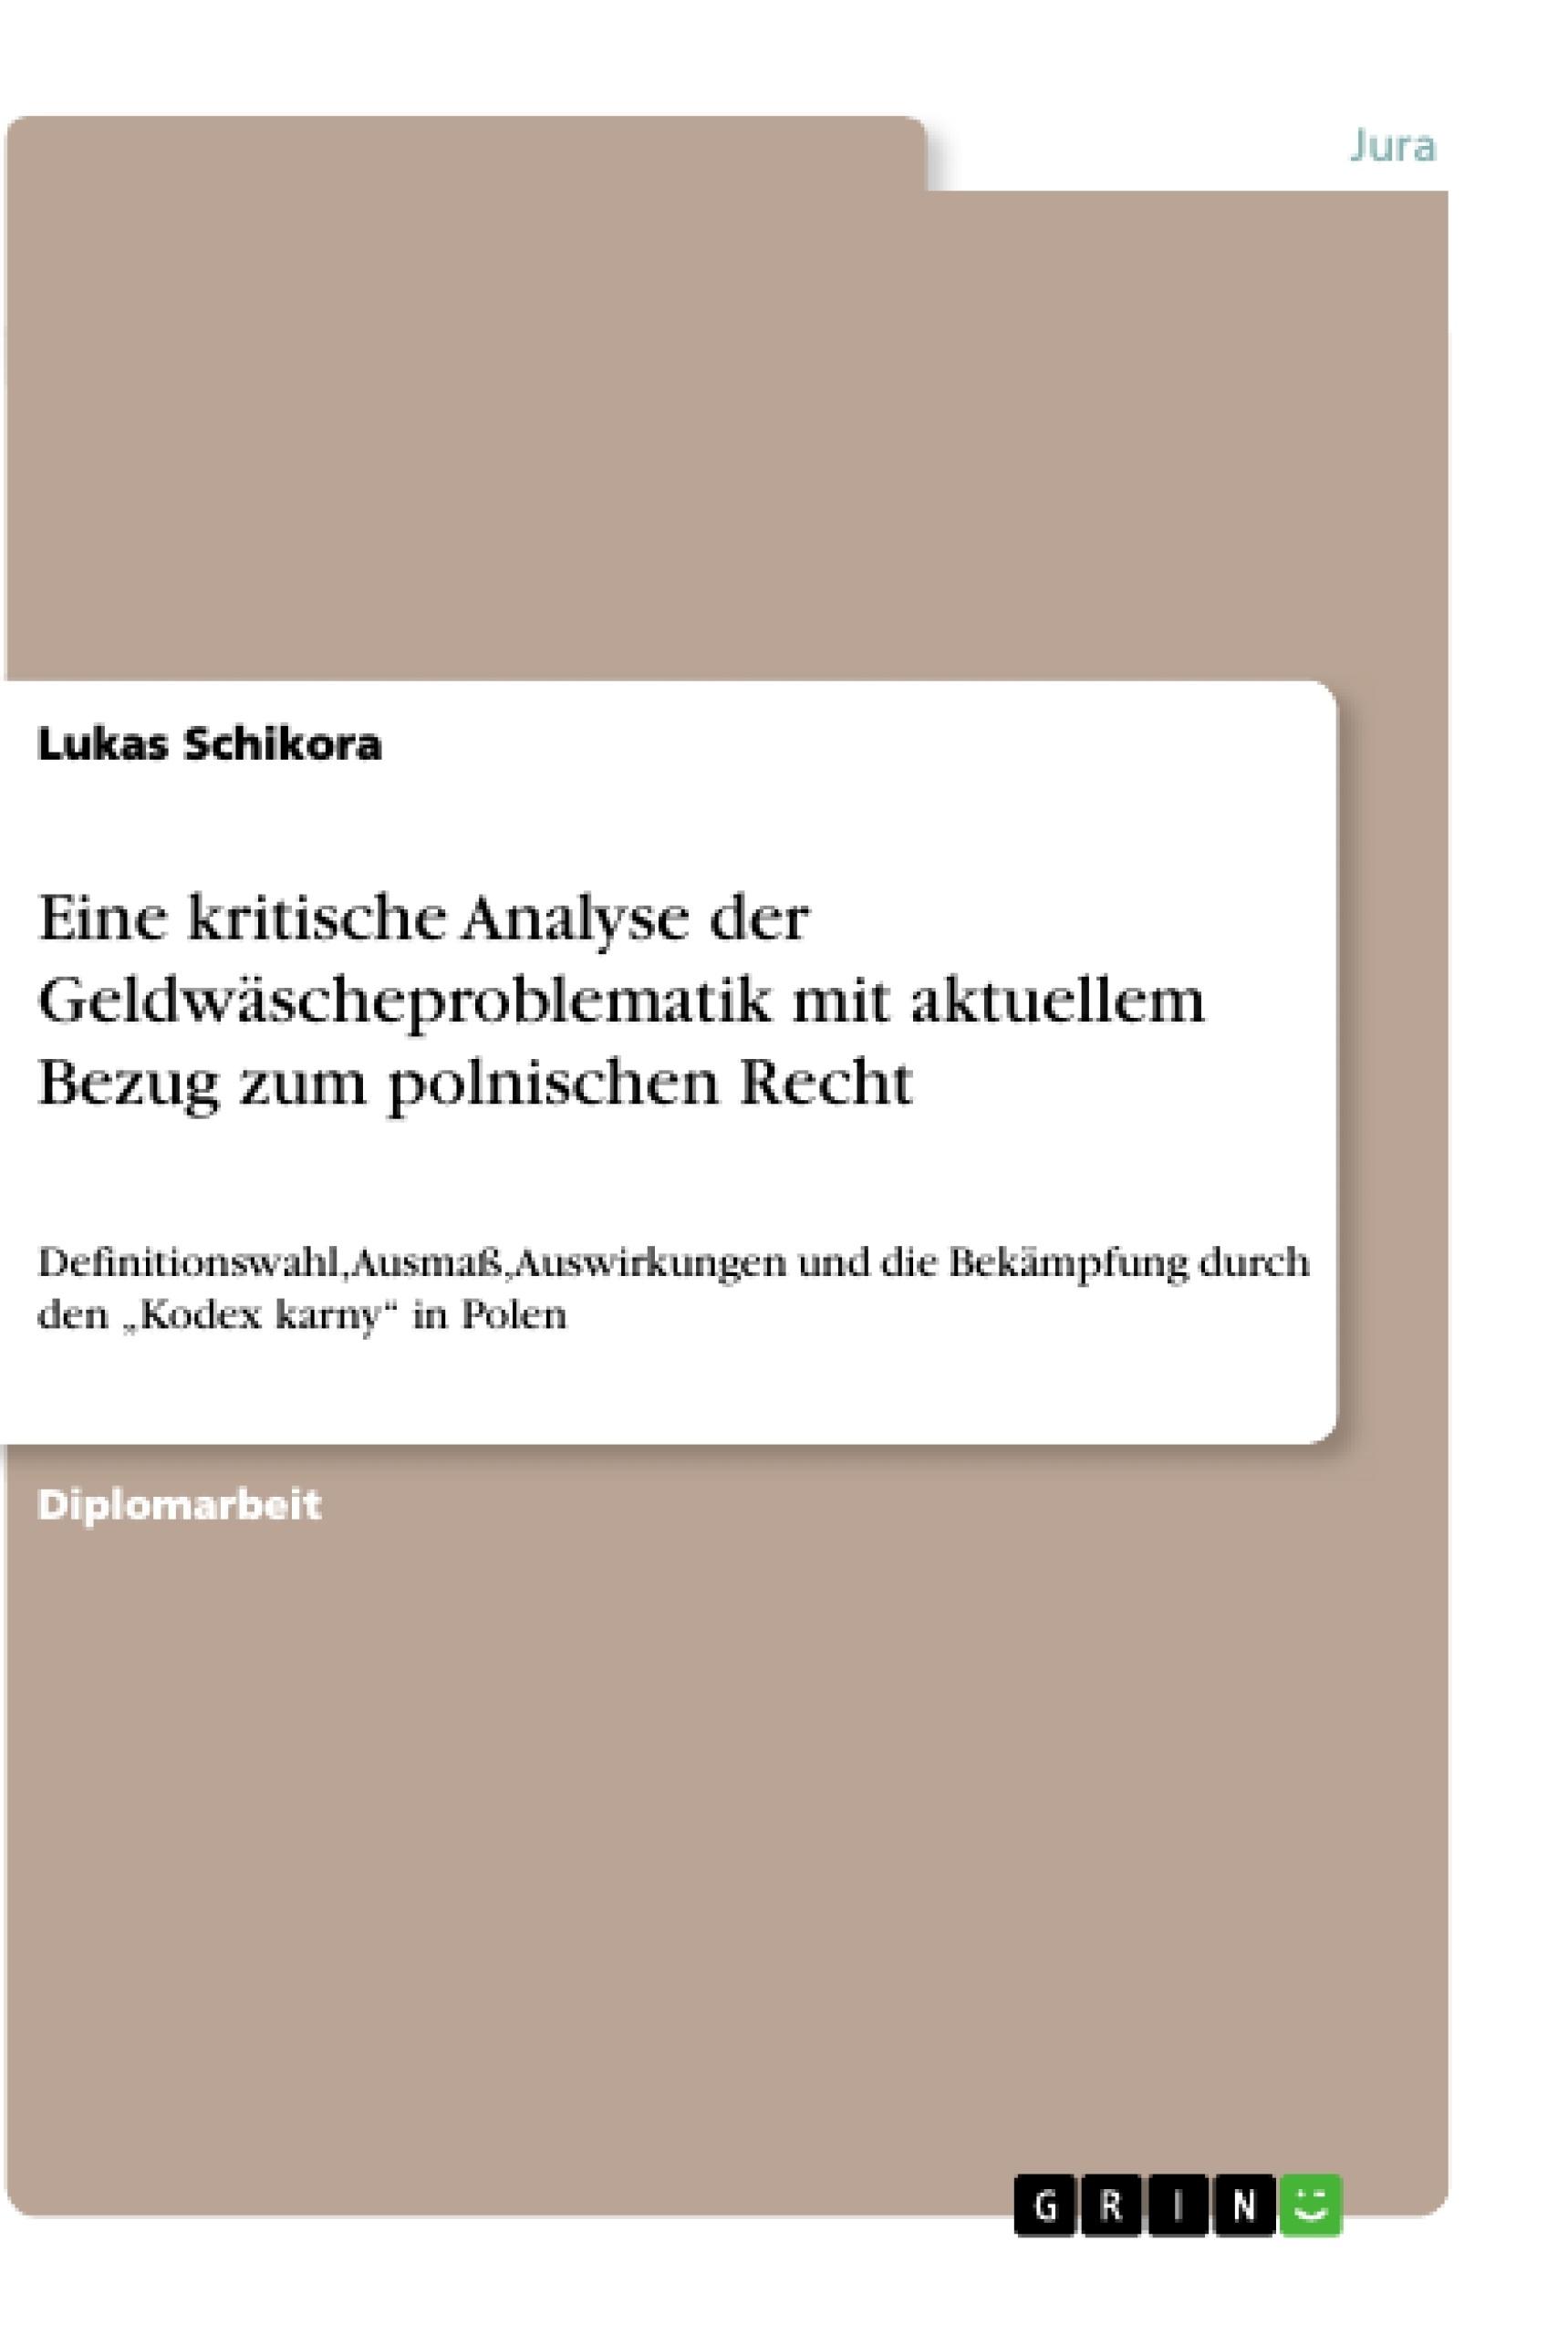 Titel: Eine kritische Analyse der Geldwäscheproblematik mit aktuellem Bezug zum polnischen Recht